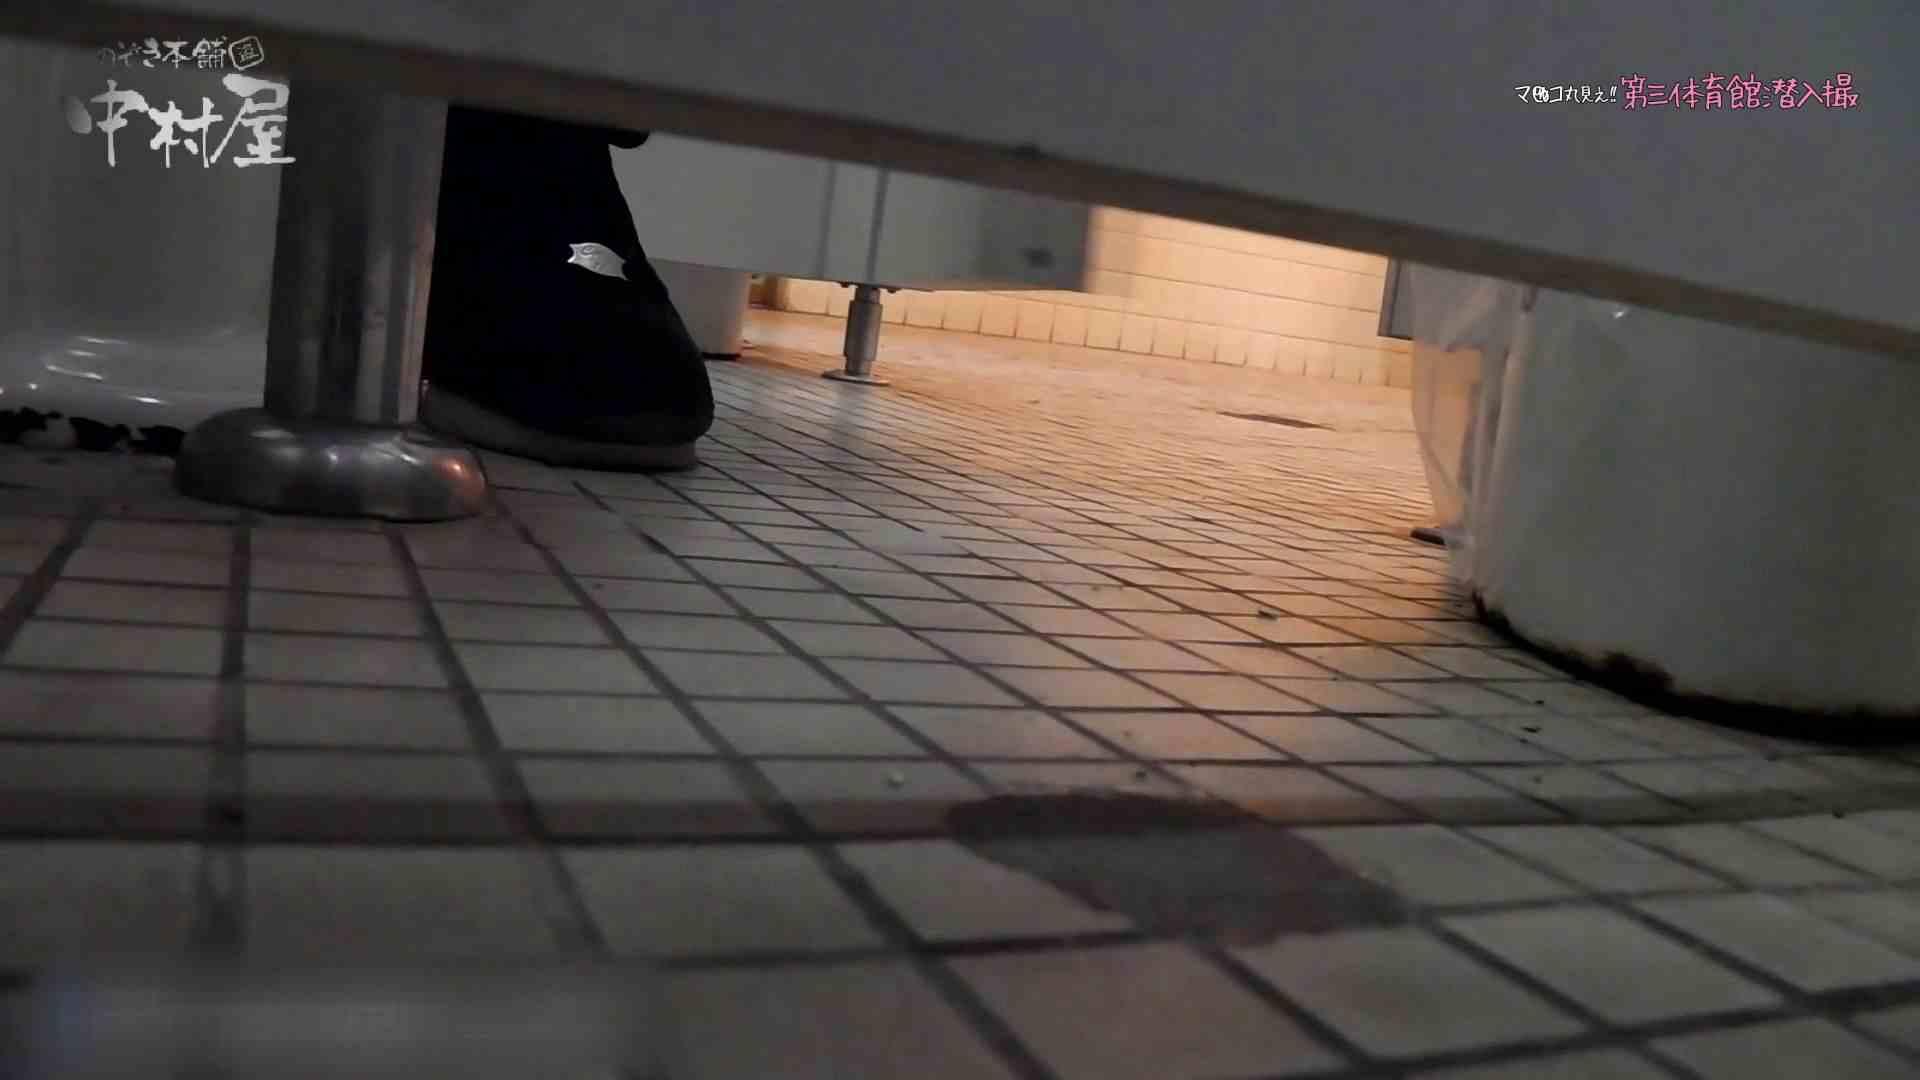 第三体育館File044長身のバレー部員が目の前の個室に入ってくれました。後編 バックショット エロ画像 80連発 43